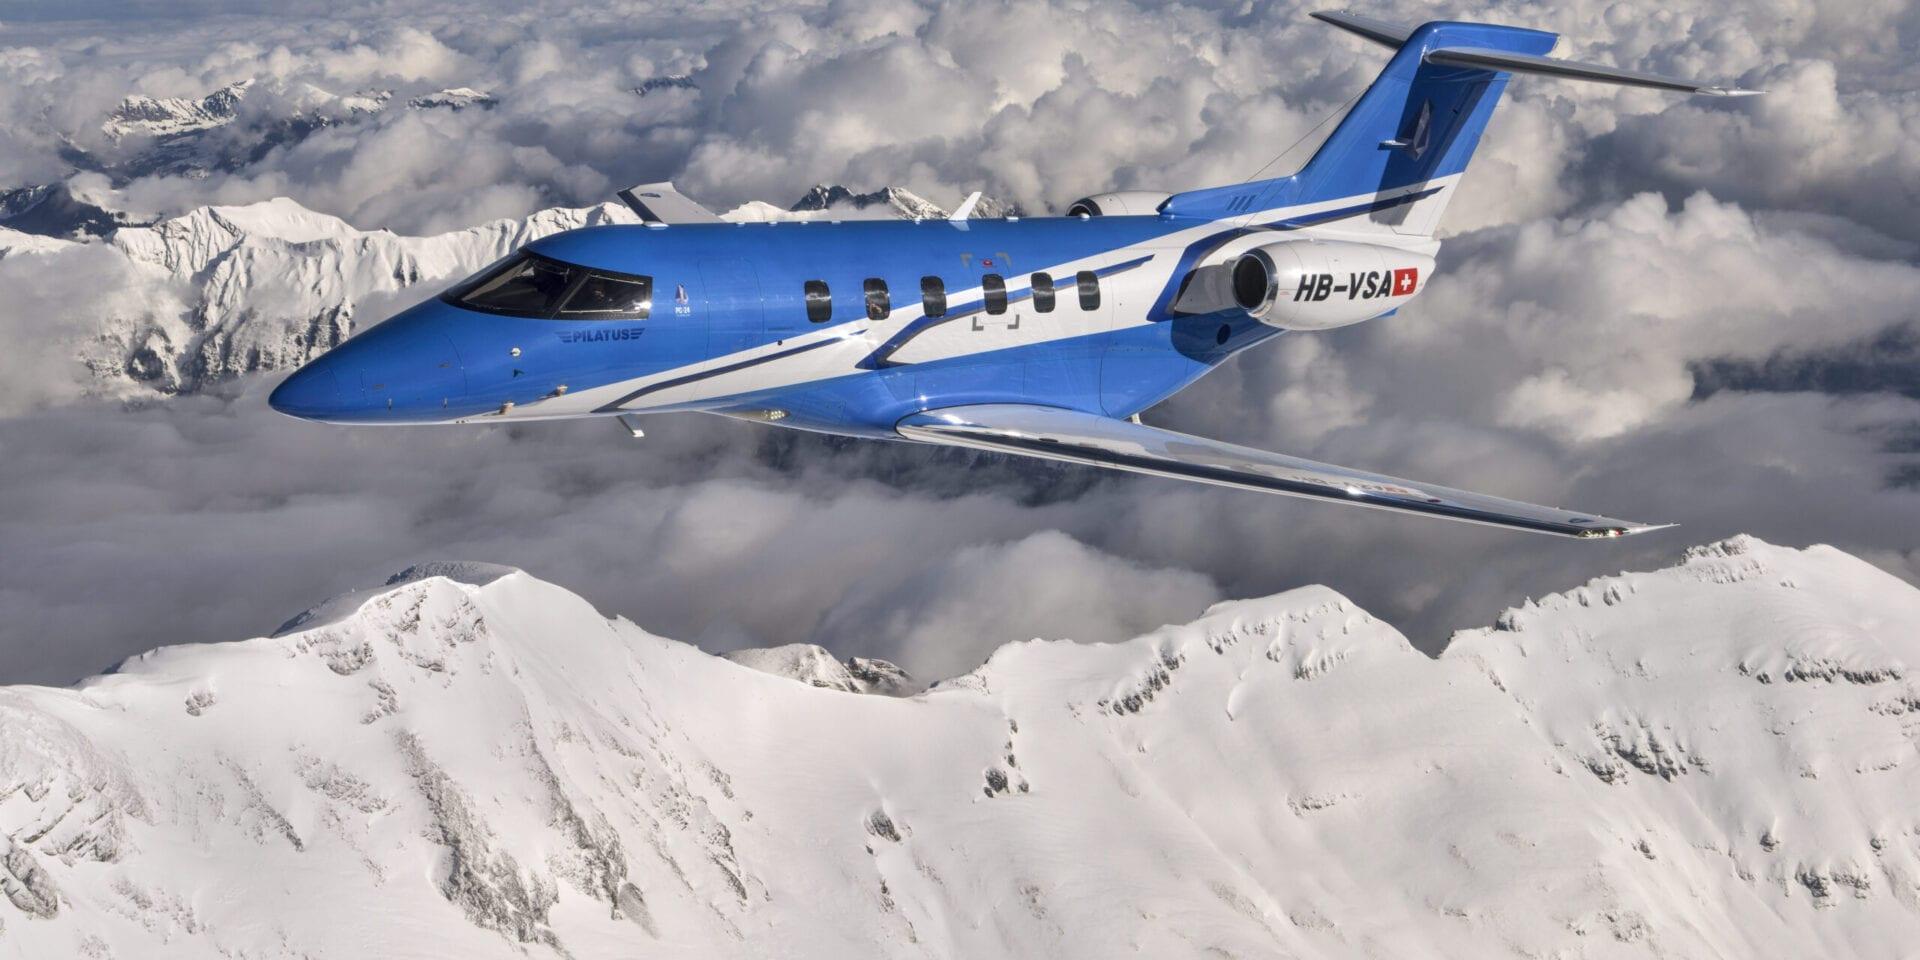 Πρεμιέρα για το Pilatus PC-24 Jet